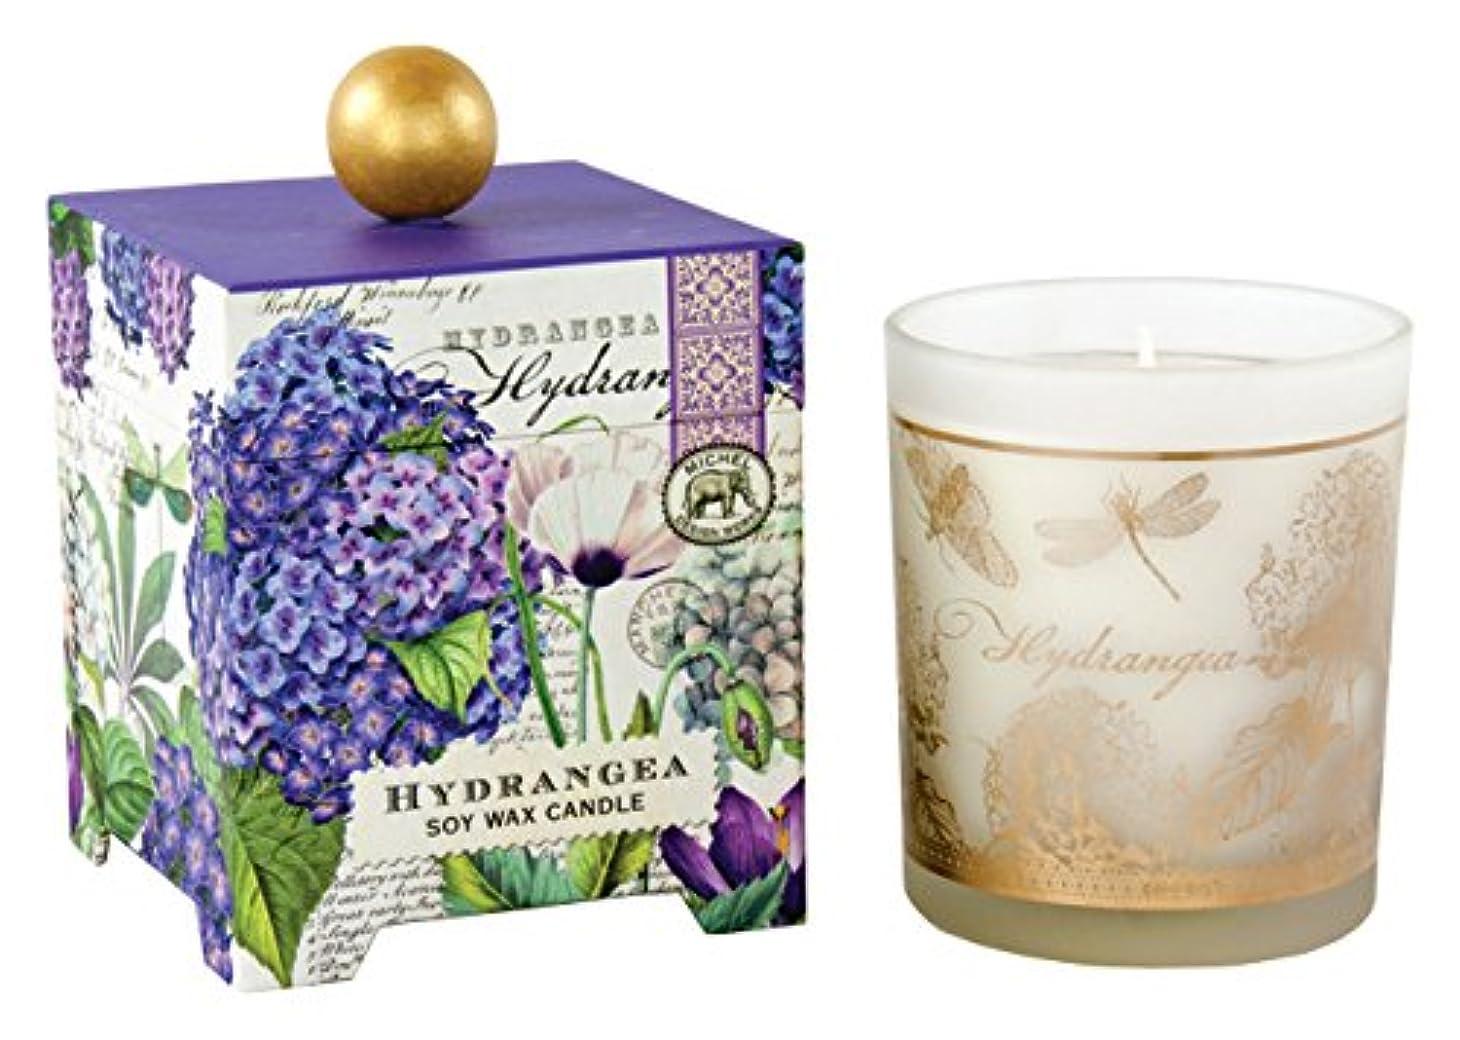 感嘆帳面連結するMichel Design Works アロマキャンドル Lサイズ (ハイドランジェ) 香り:ハイドランジェ MDCAN209